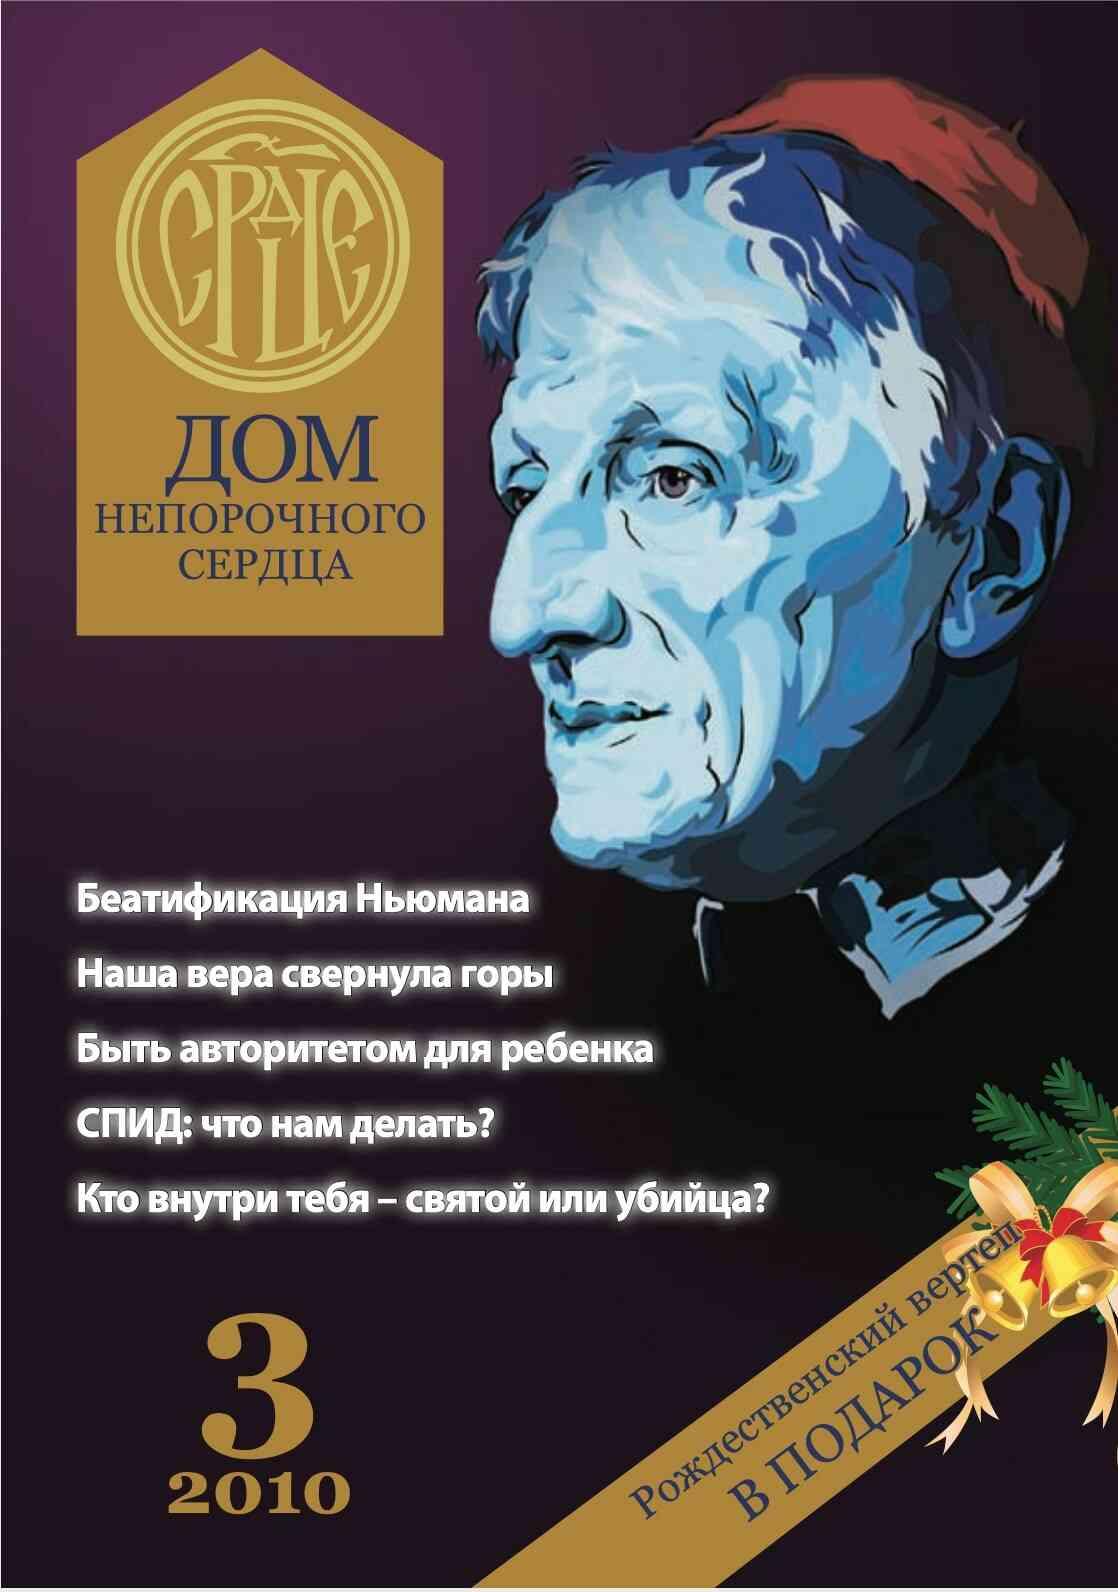 Журнал «Дом Непорочного Сердца» № 2 (3) 2010 год